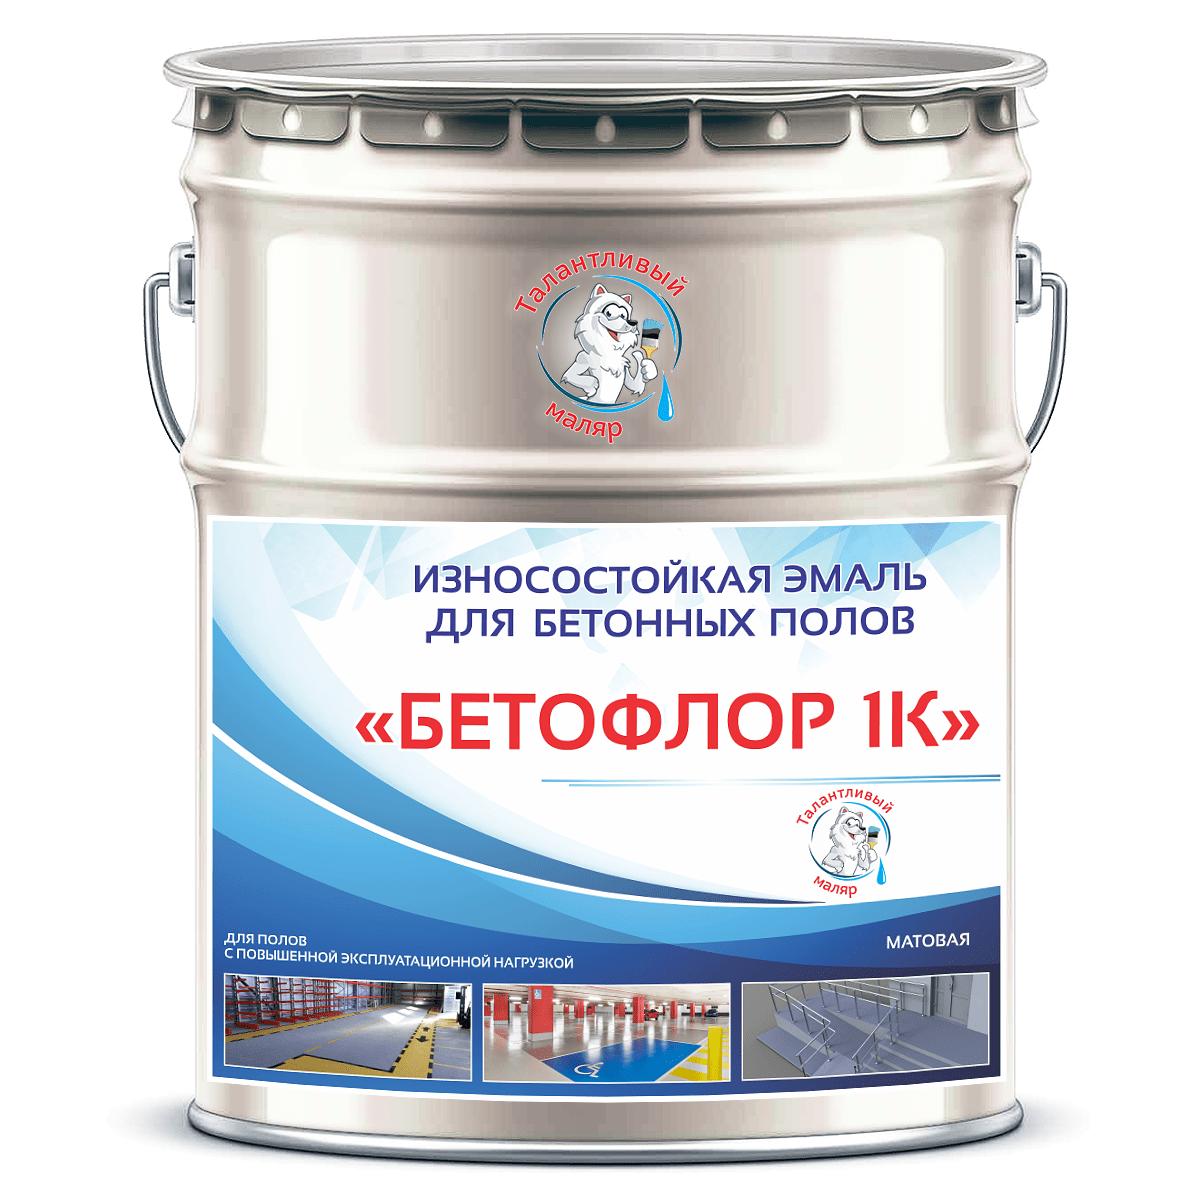 """Фото 3 - BF9003 Эмаль для бетонных полов """"Бетофлор"""" 1К цвет RAL 9003 Сигнальный белый, матовая износостойкая, 25 кг """"Талантливый Маляр""""."""